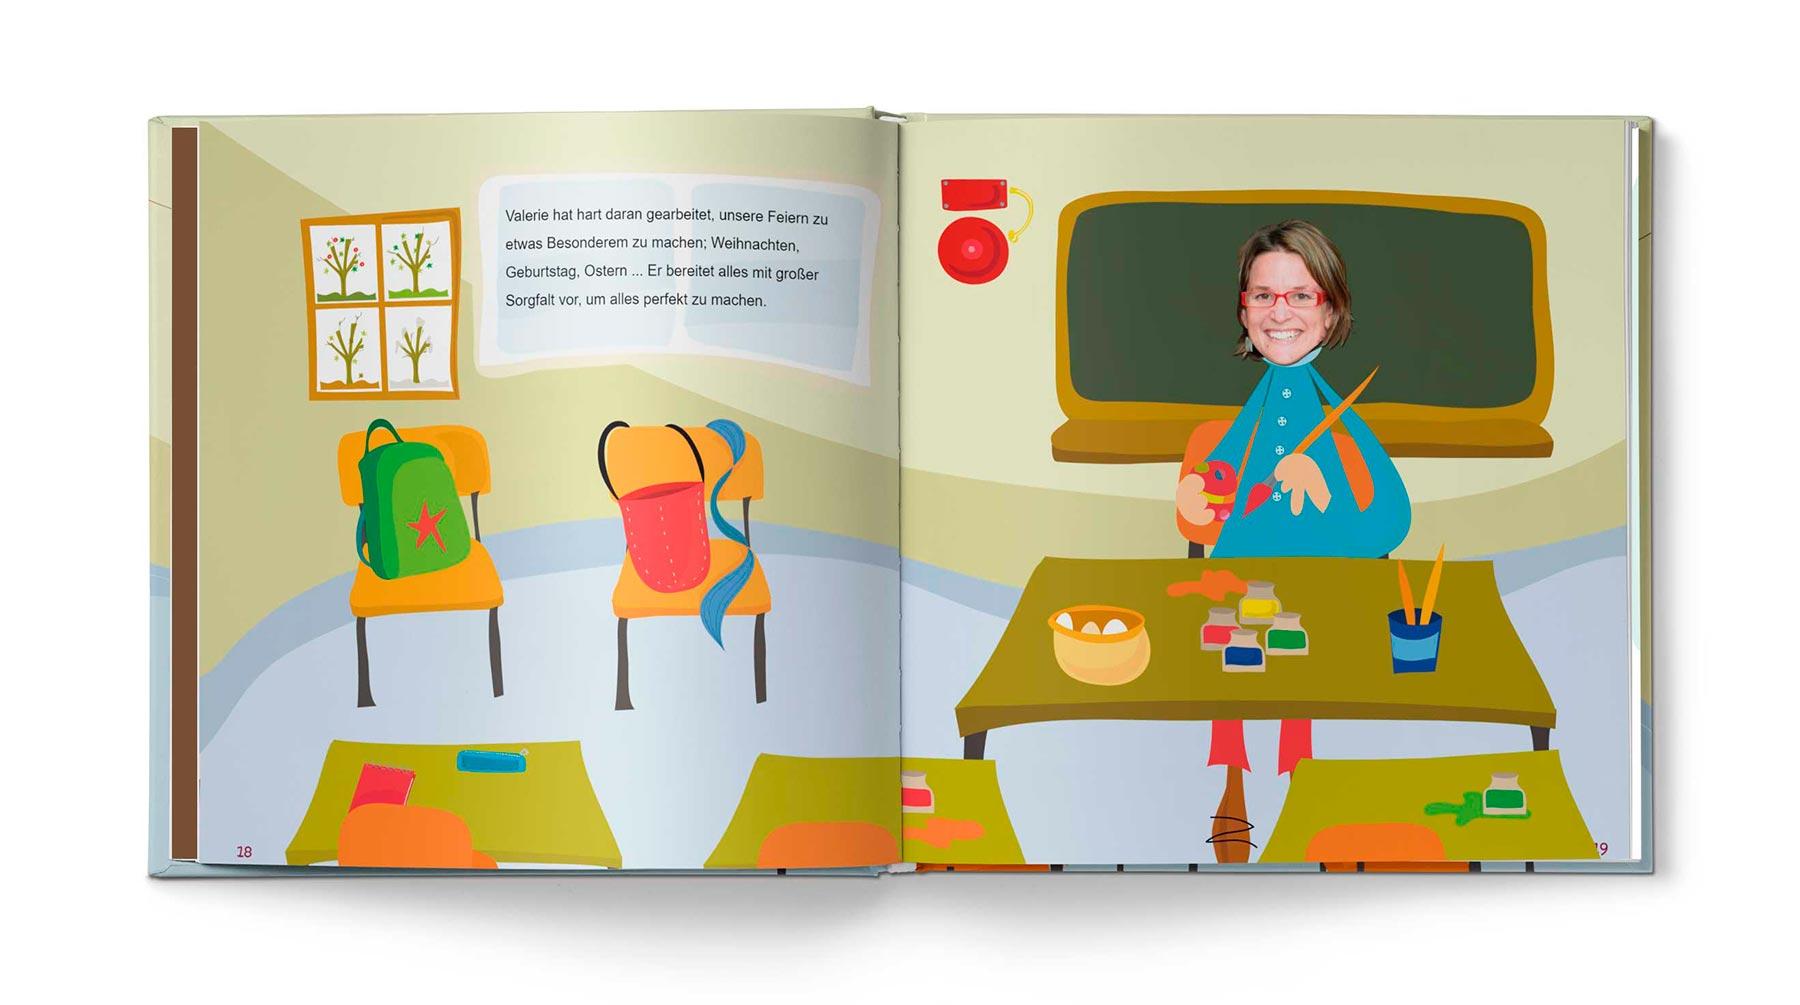 Geschichte Das Schulbuch - Bild 9